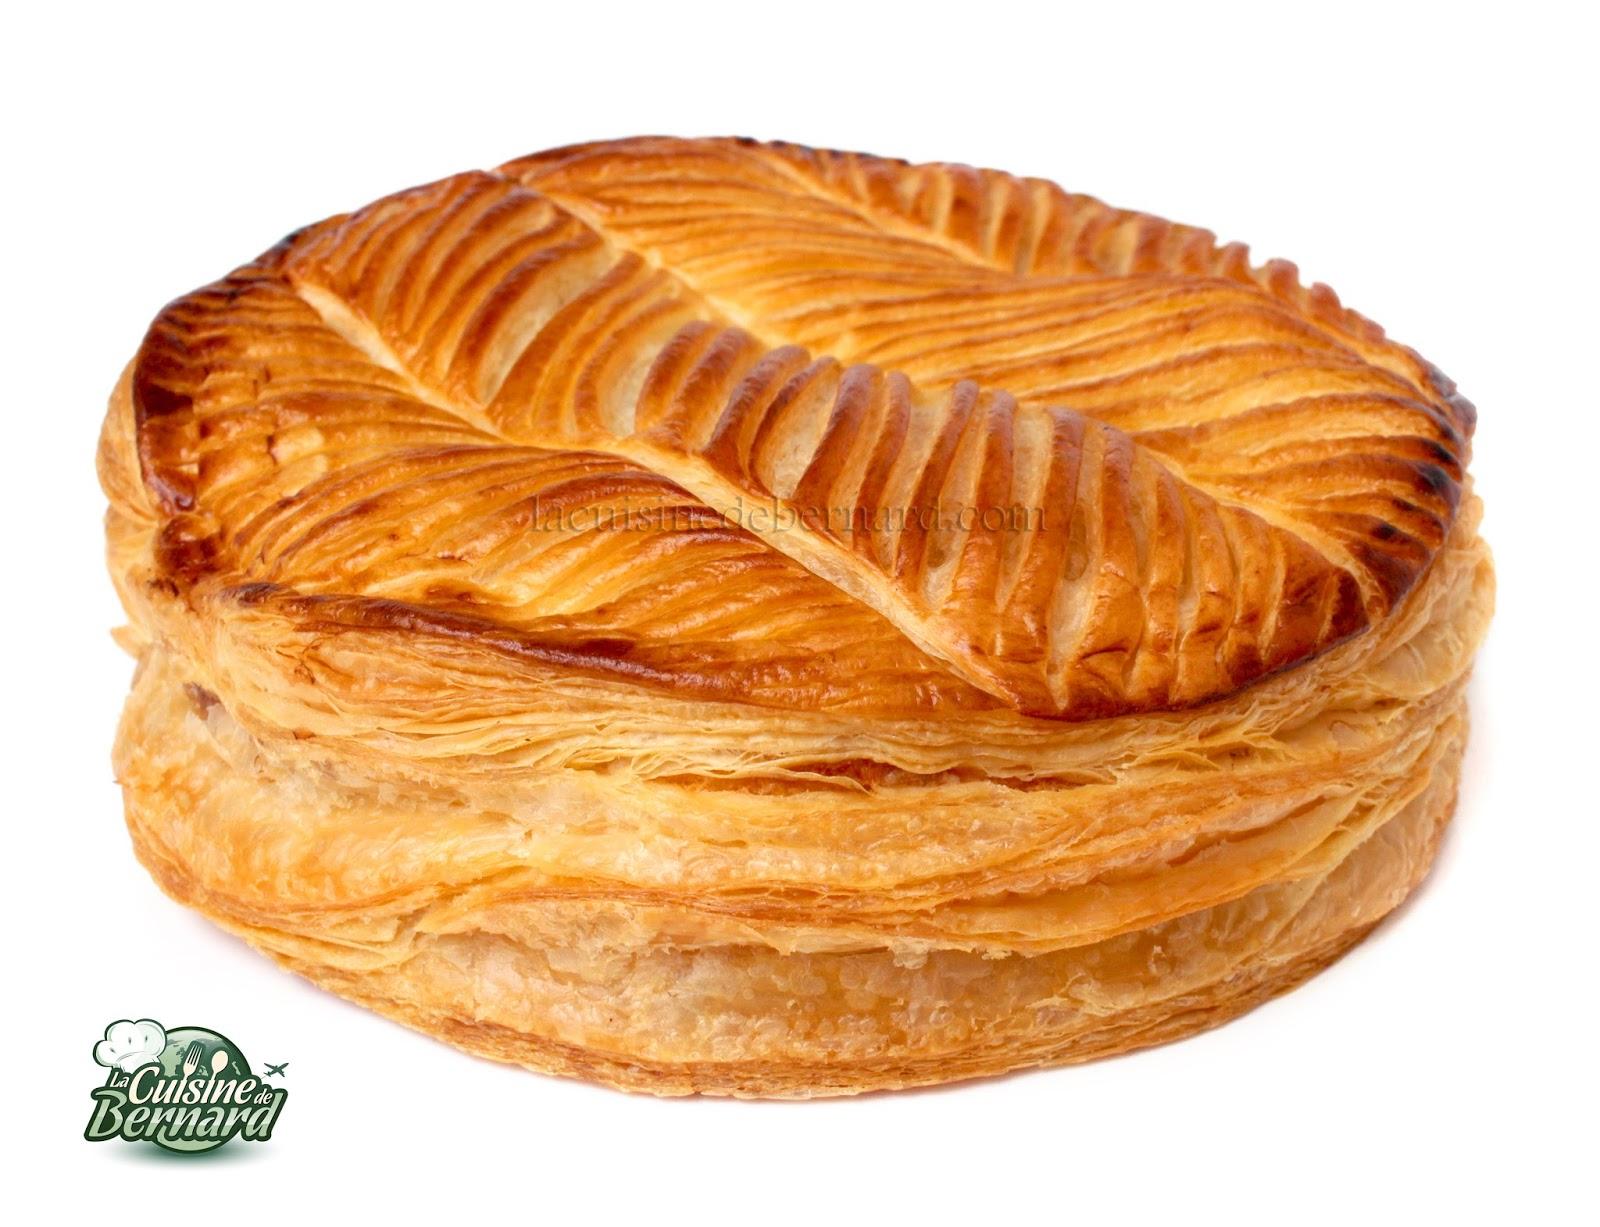 La cuisine de bernard galette des rois aux pralines roses - Galette des rois herve cuisine ...